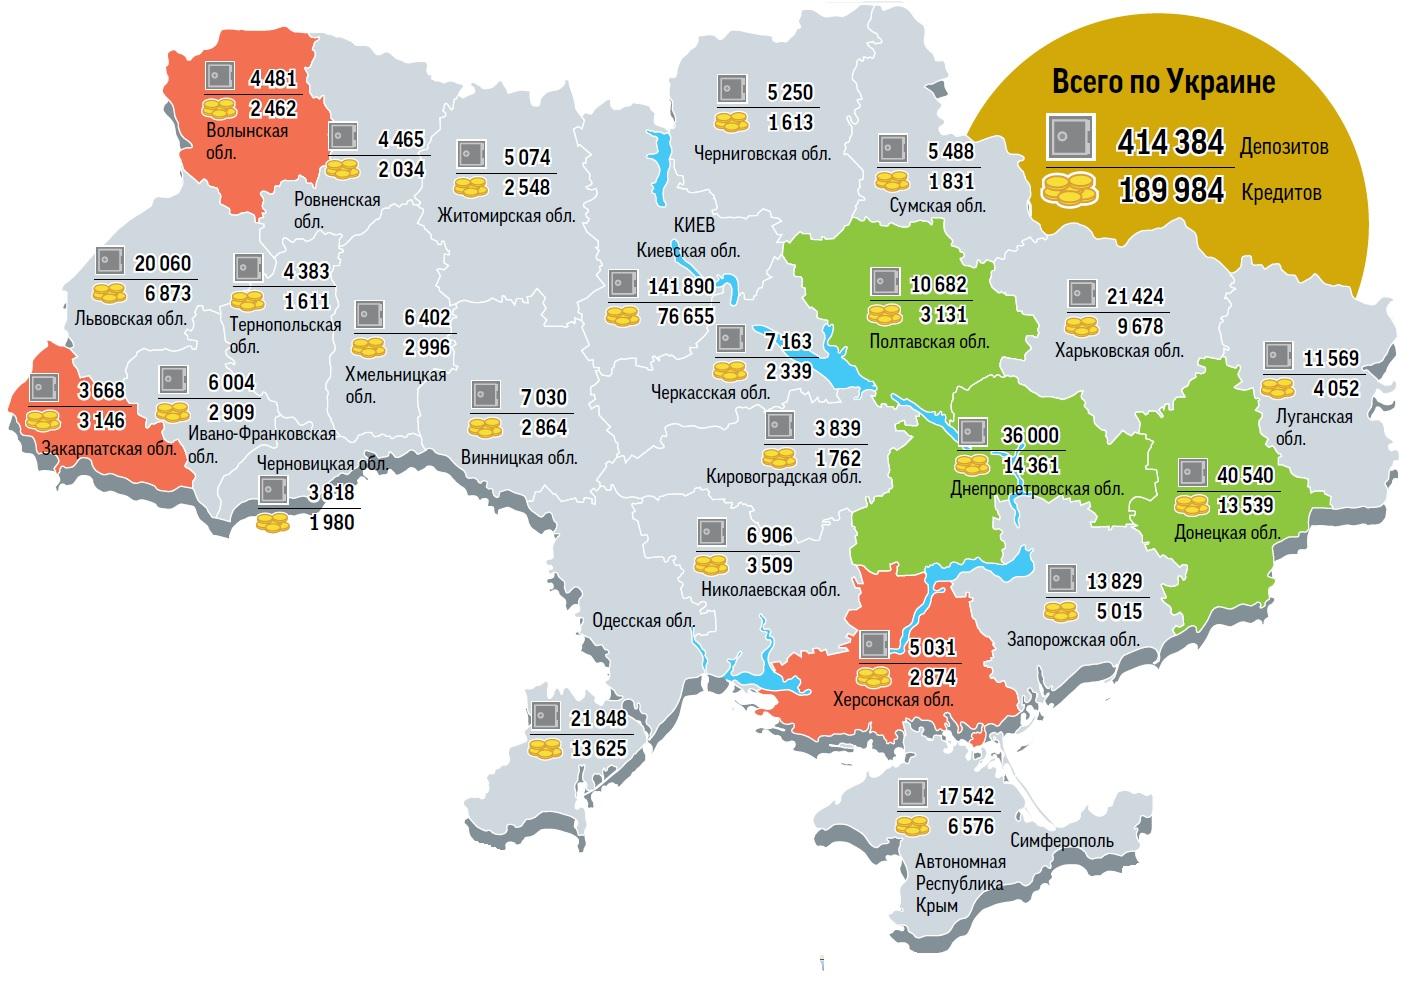 Депозитная карта Украины